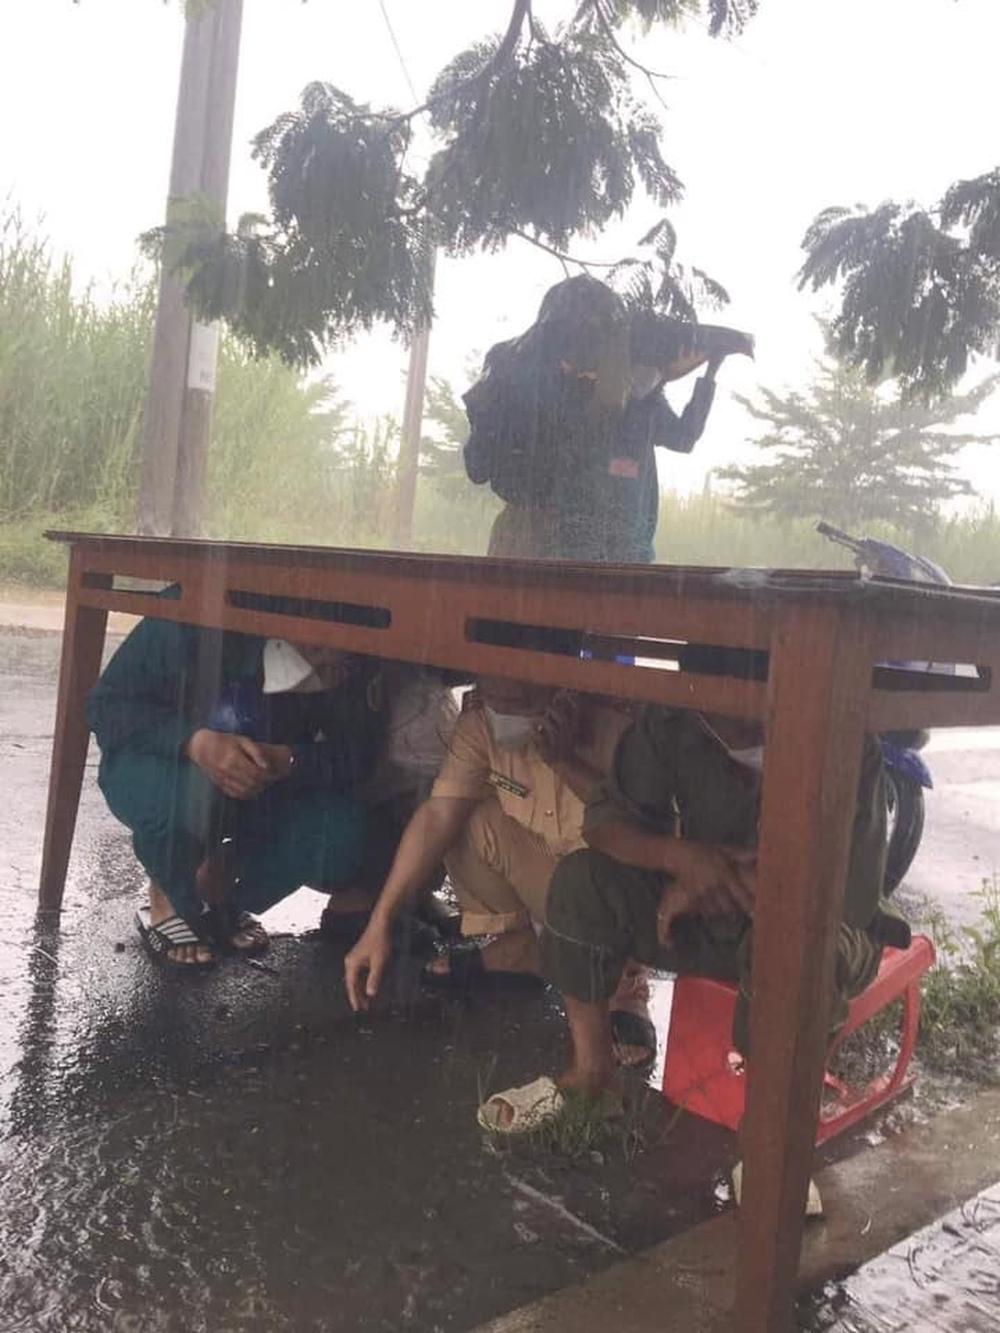 CSGT và đội trực chốt kiểm dịch nép dưới gầm bàn trú mưa, nhìn xuống đôi dép lại càng thêm xót xa - Ảnh 1.